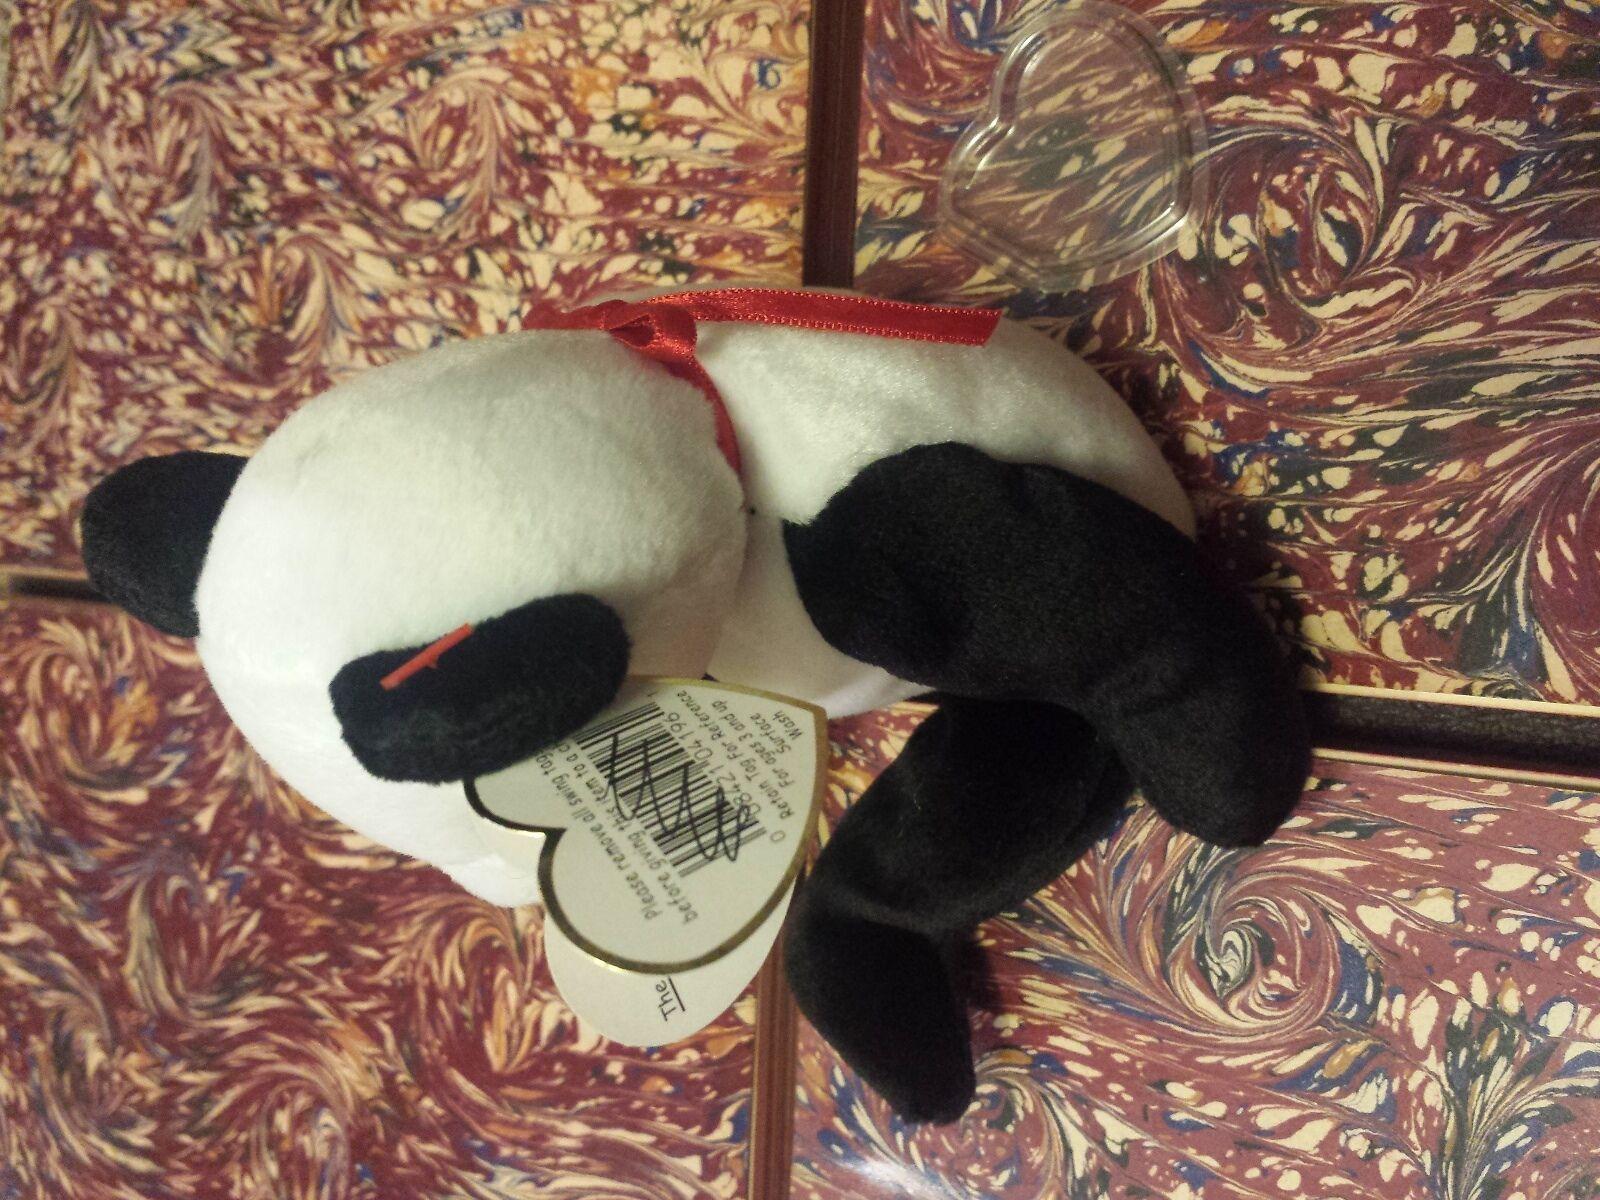 Ty Beanie Baby FORTUNE Panda Panda Panda Bear Retired 12 6 1997 98 Tush Errors RARE GASPORT 4e48d8